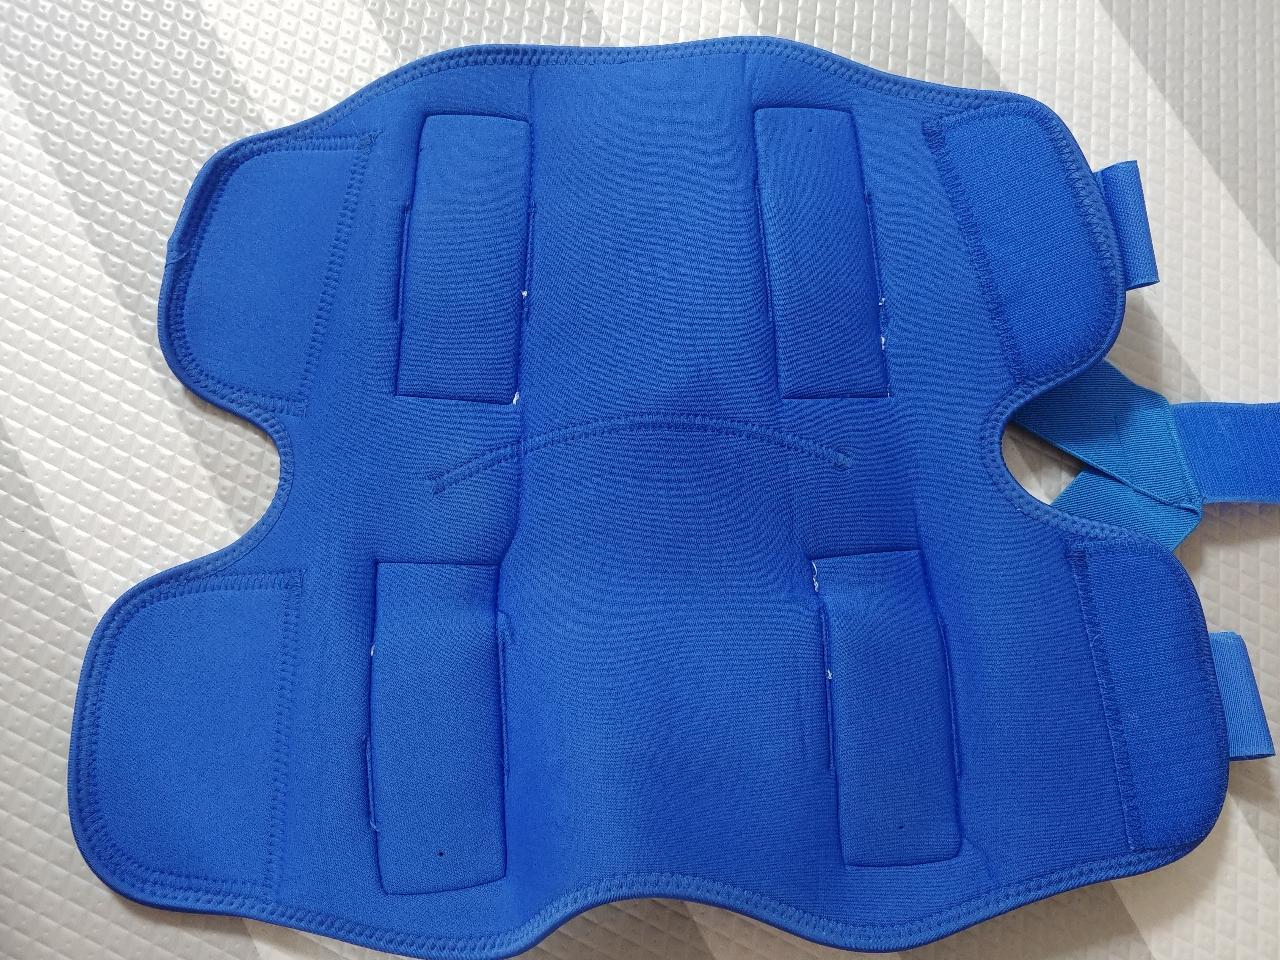 무릎보호기 (각도조절가능)